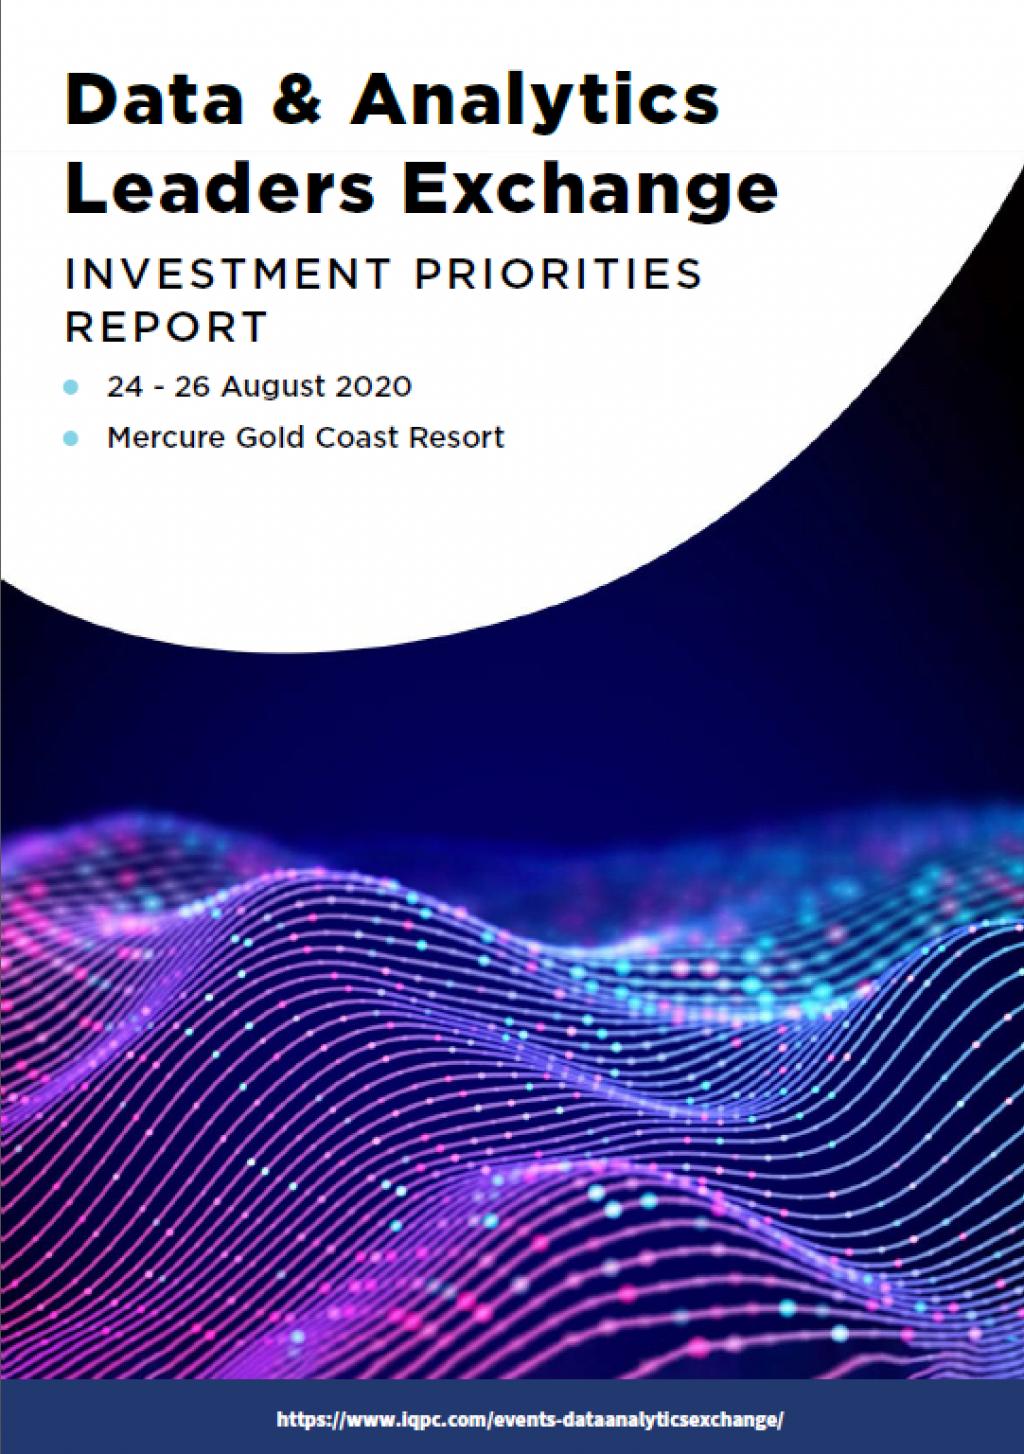 Data & Analytics Leaders Investment Priorities Report